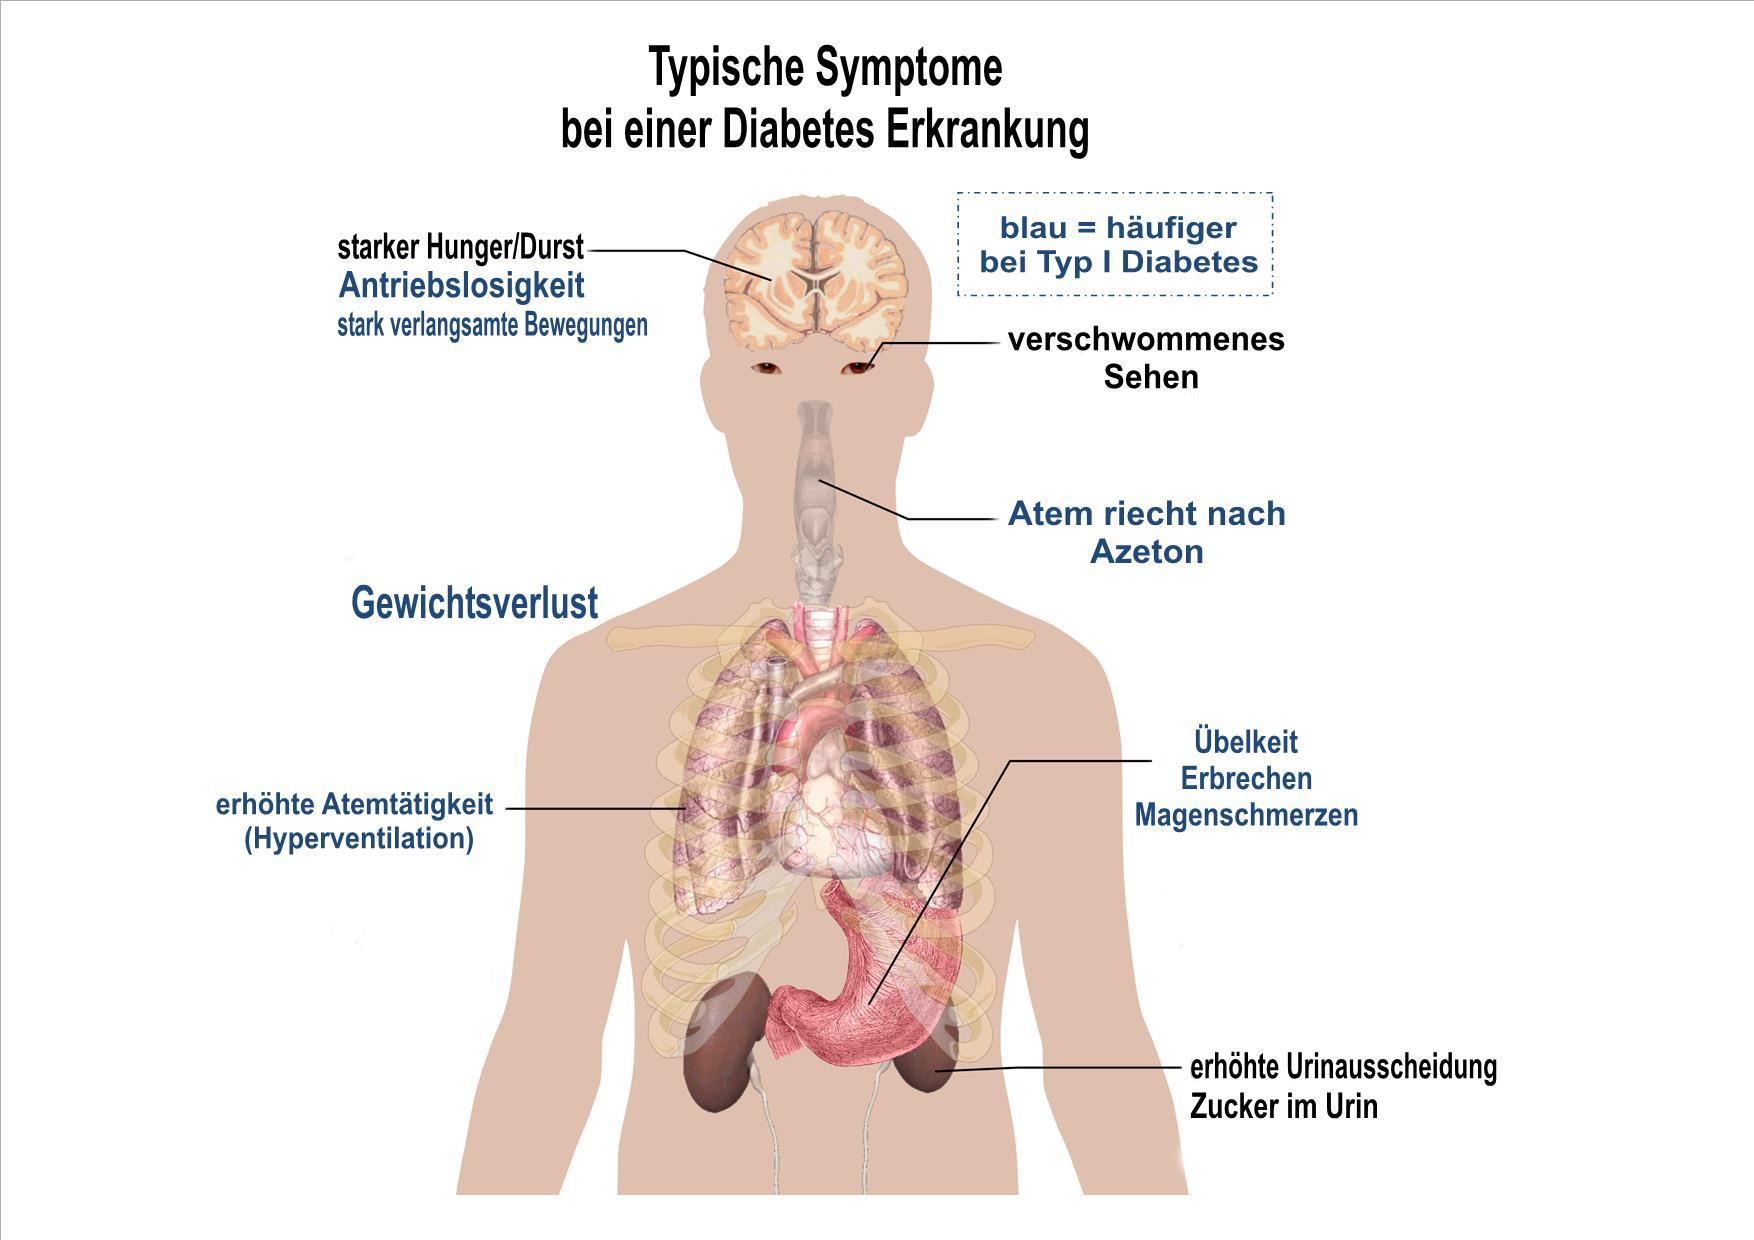 diabetes symptome